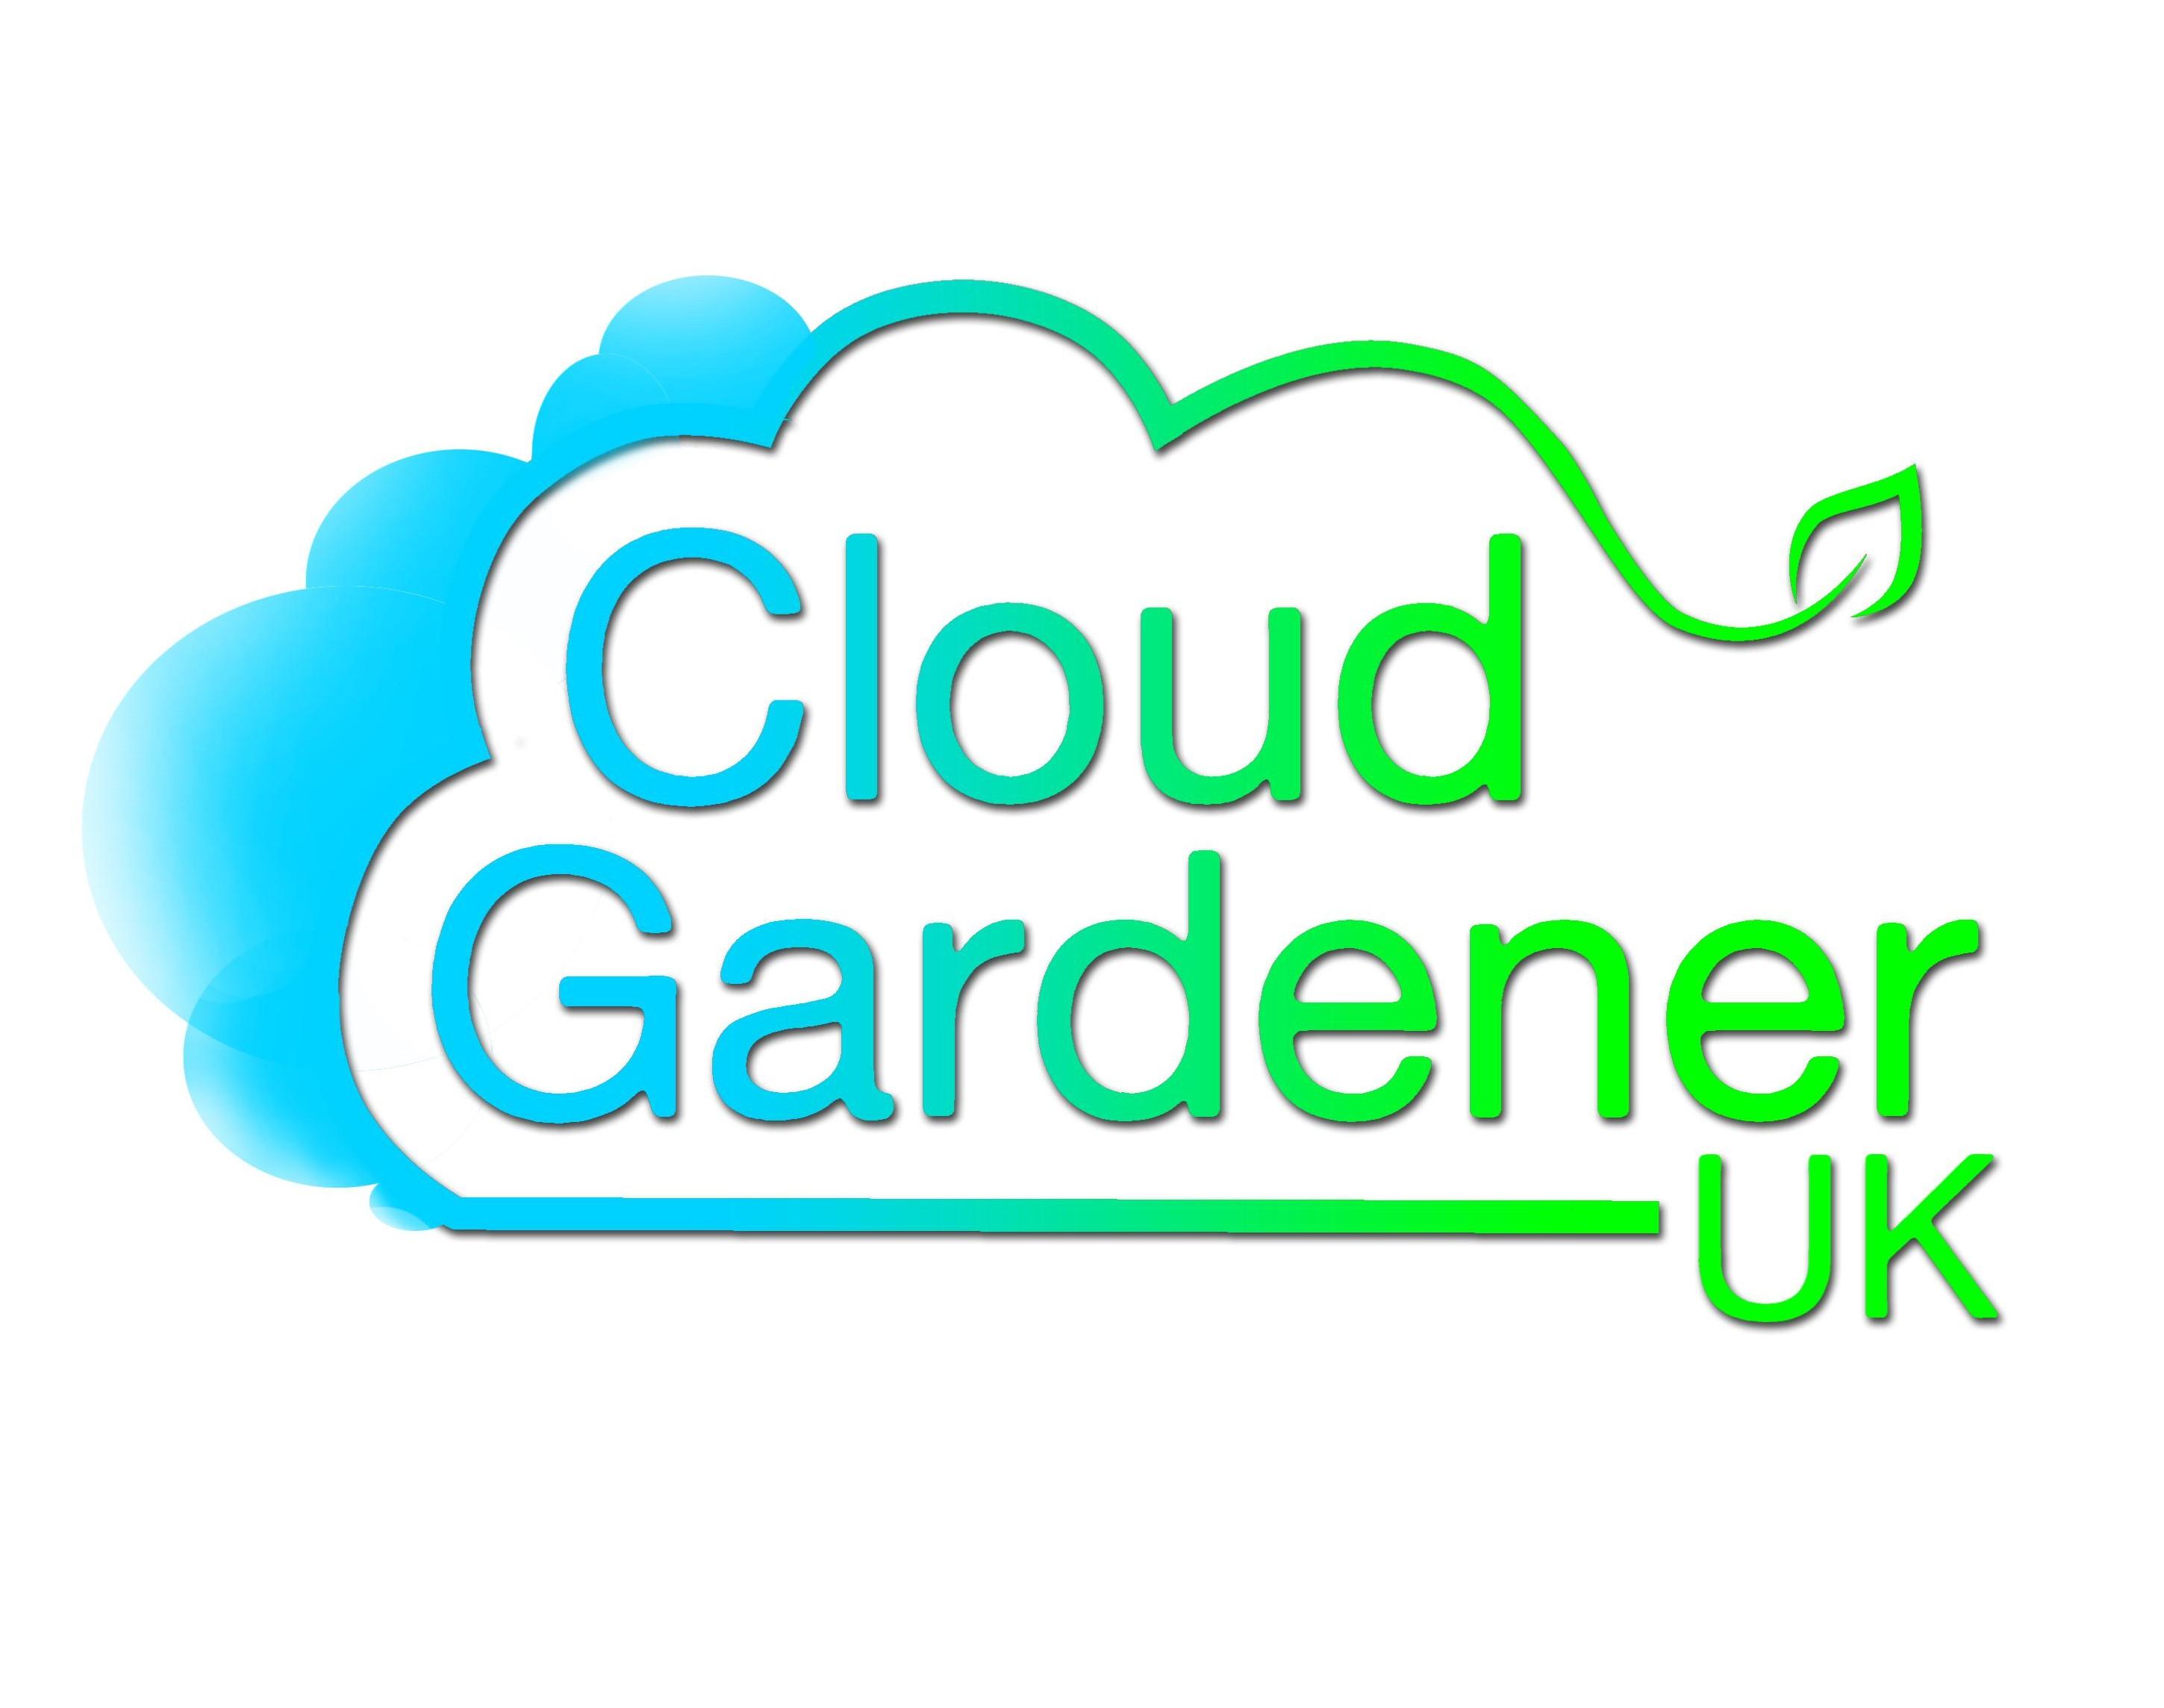 Cloud Gardener UK